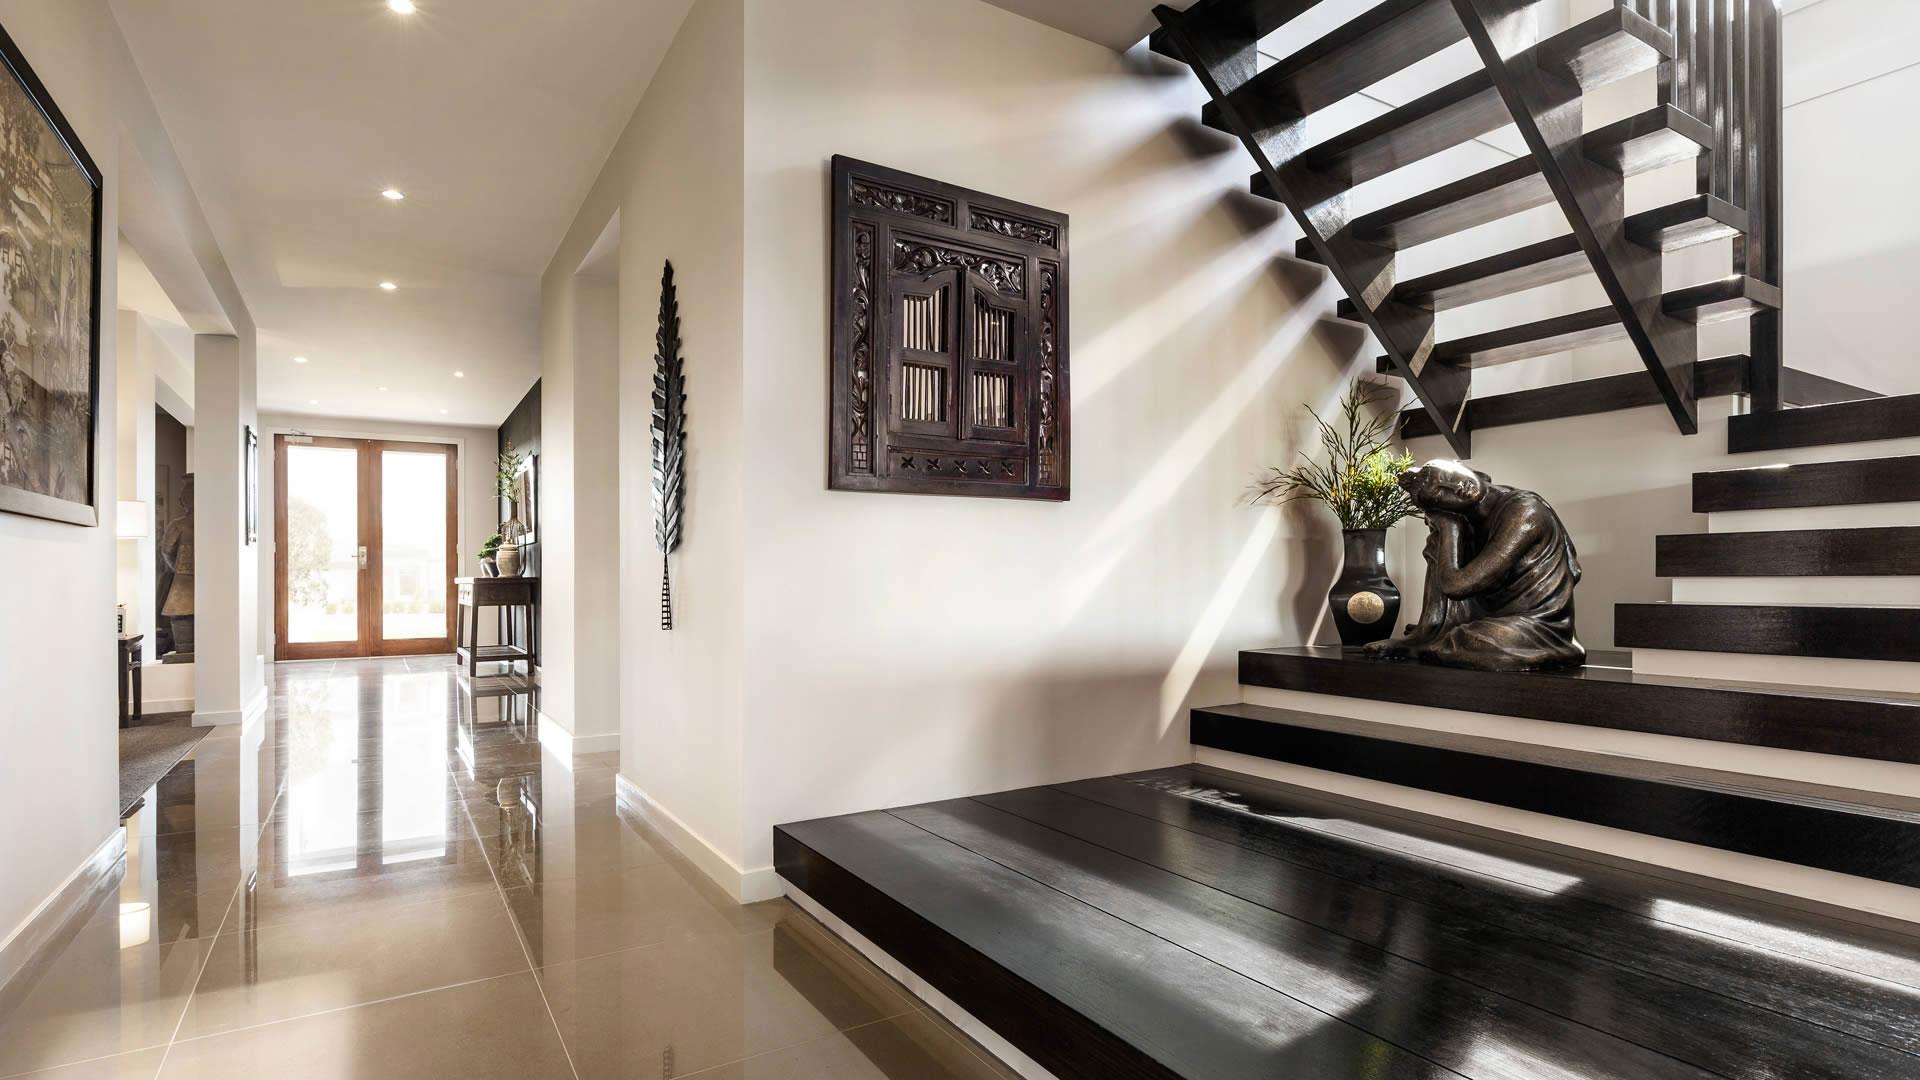 Sorrento by carlisle homes in australia architecture - Escalera madera ...